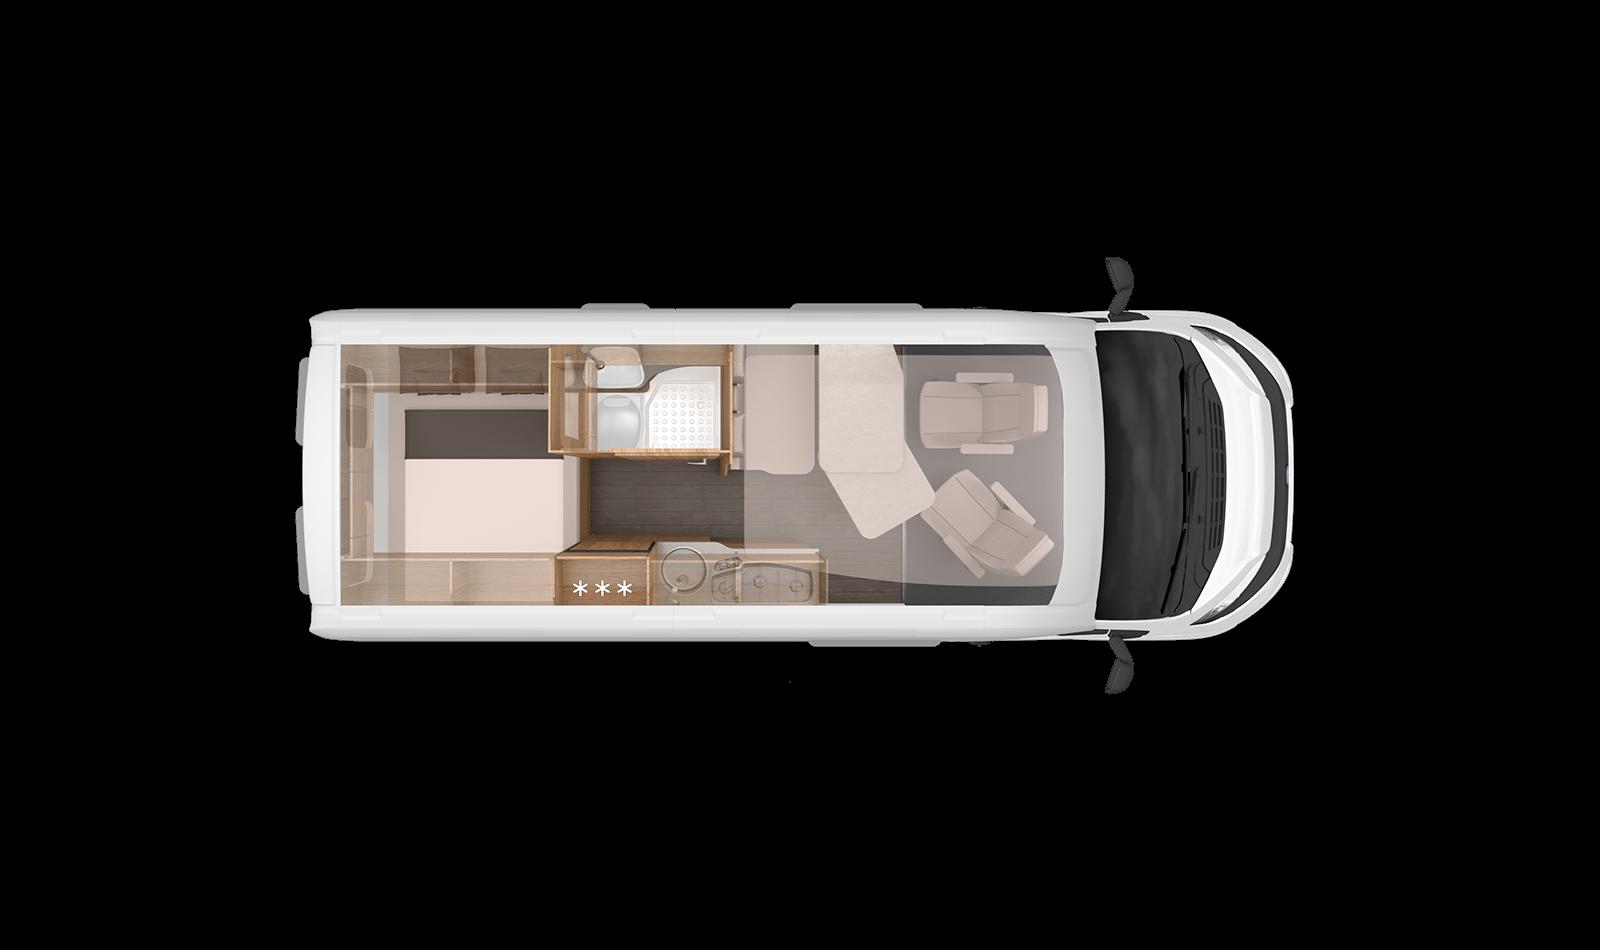 Grundriss Boxstar 600 Solution - Elk Reisemobile